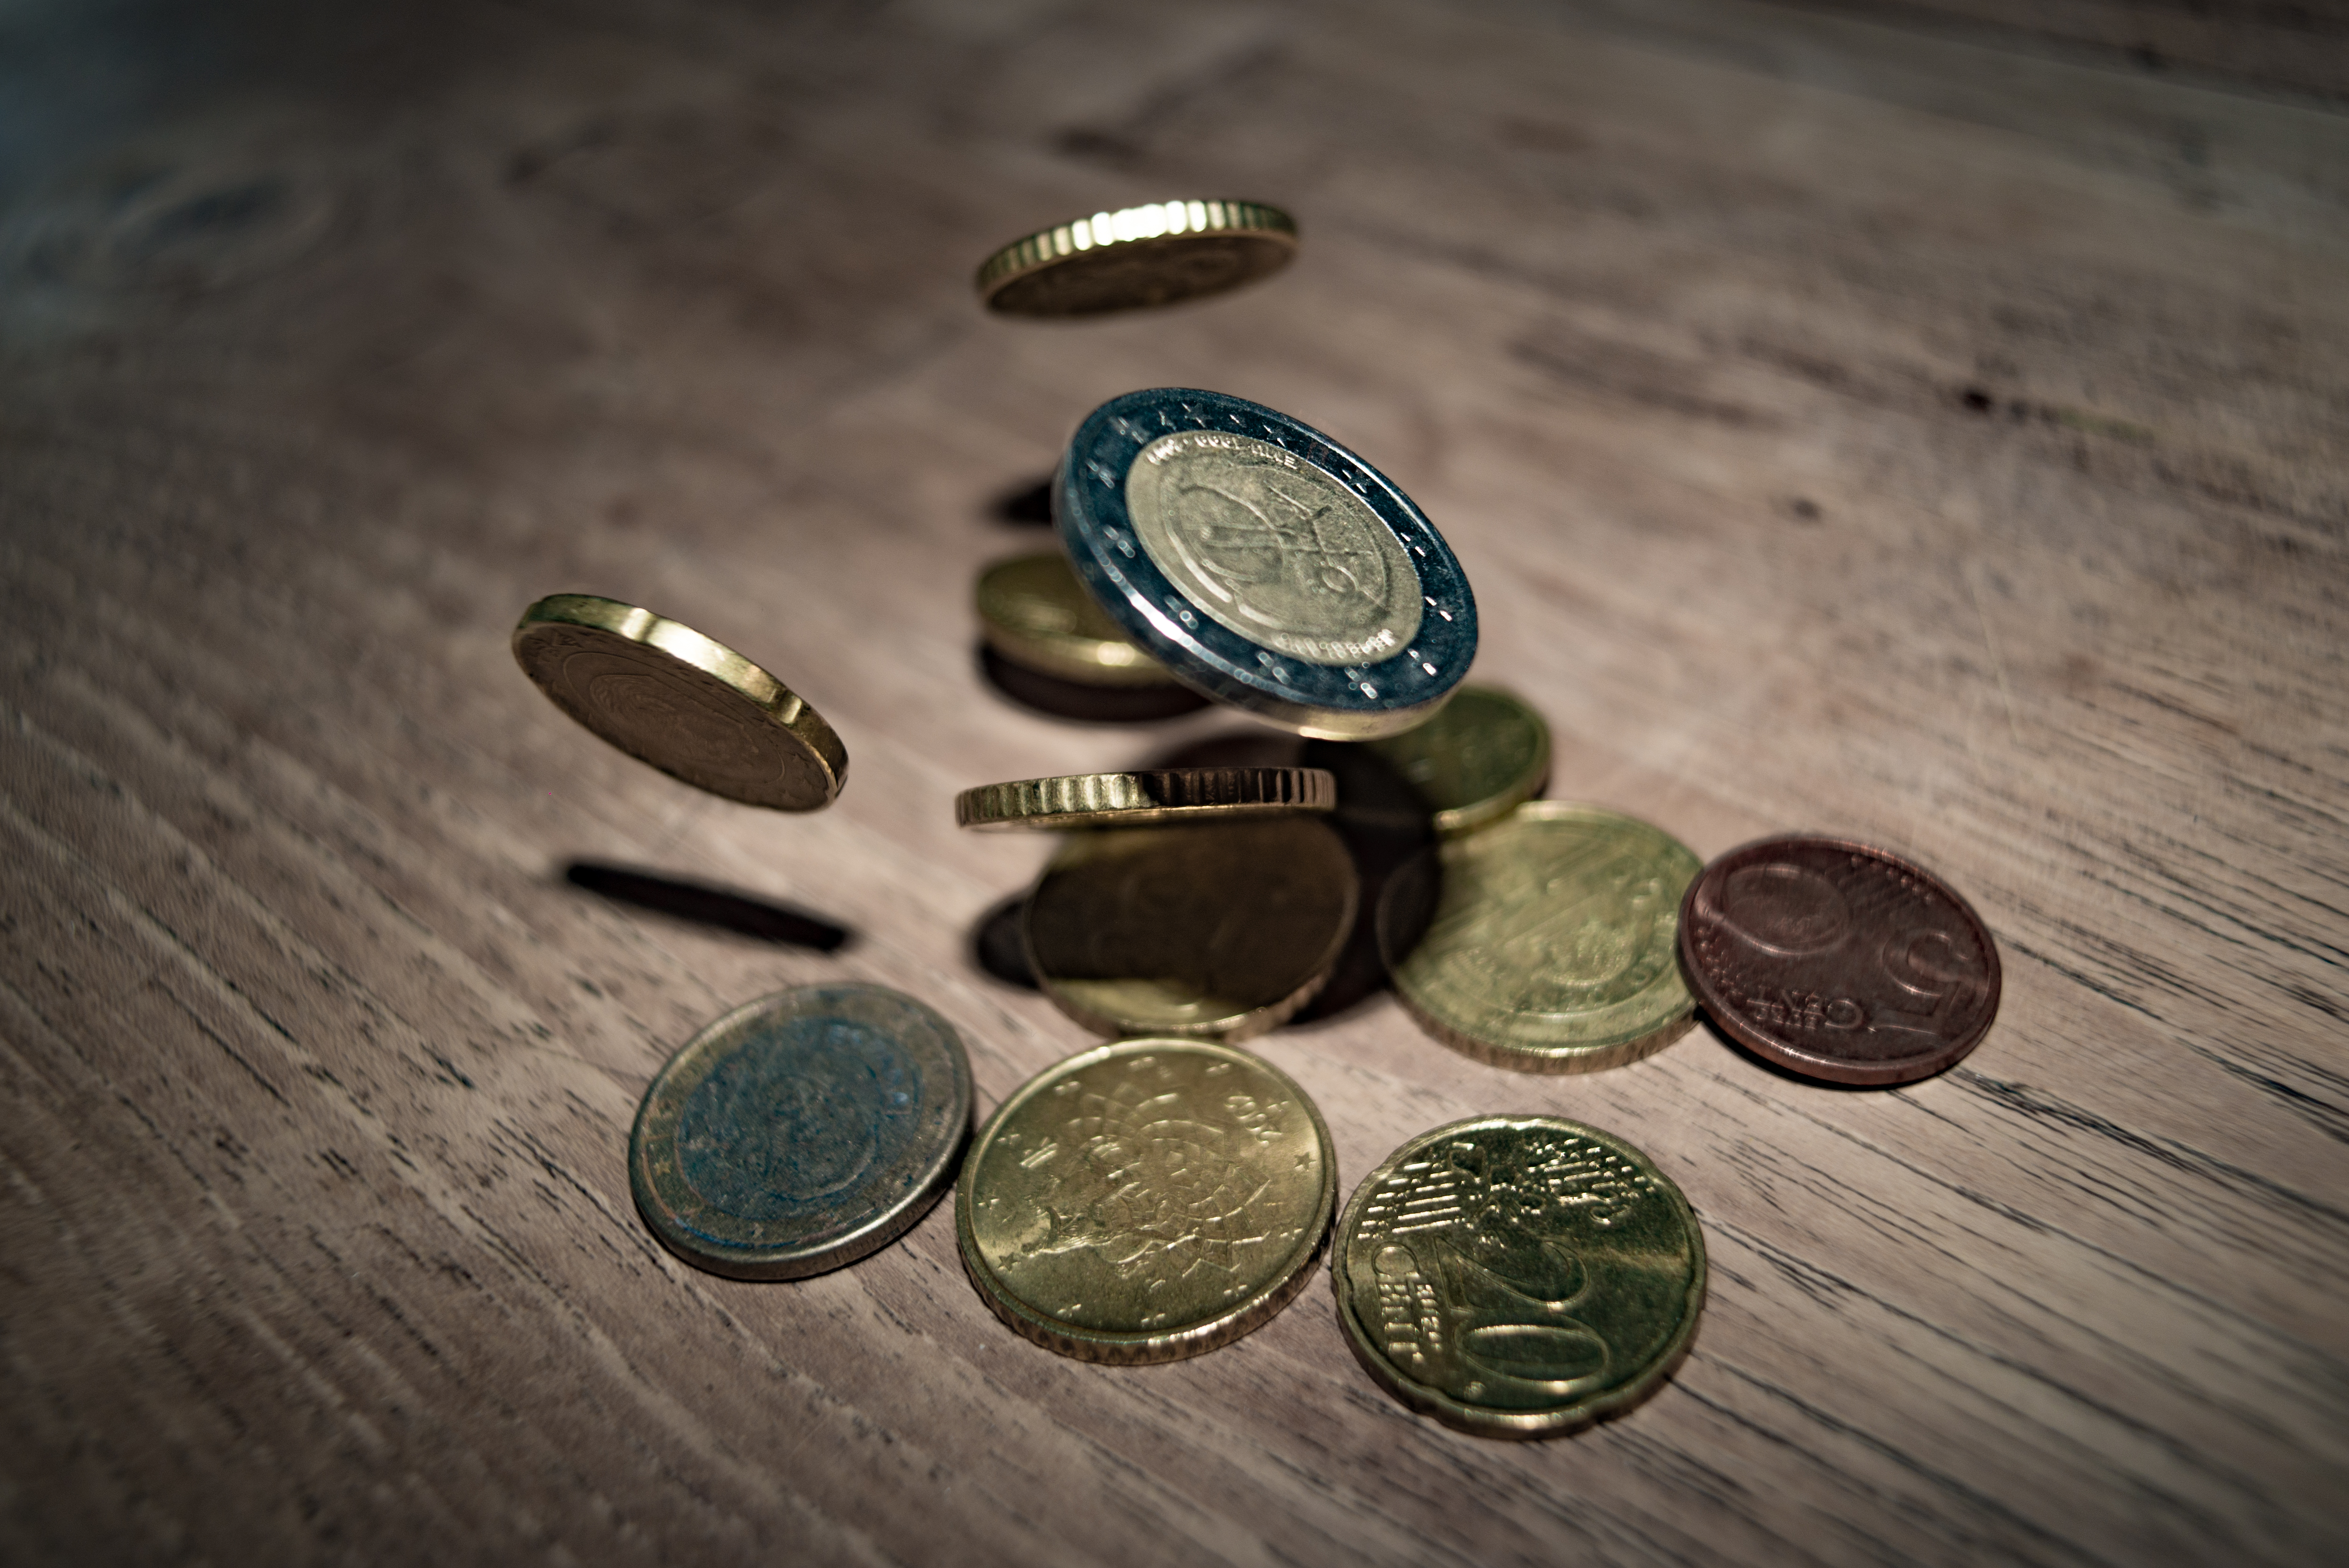 Le BCE non convince i mercati – Denis Alborino Torri